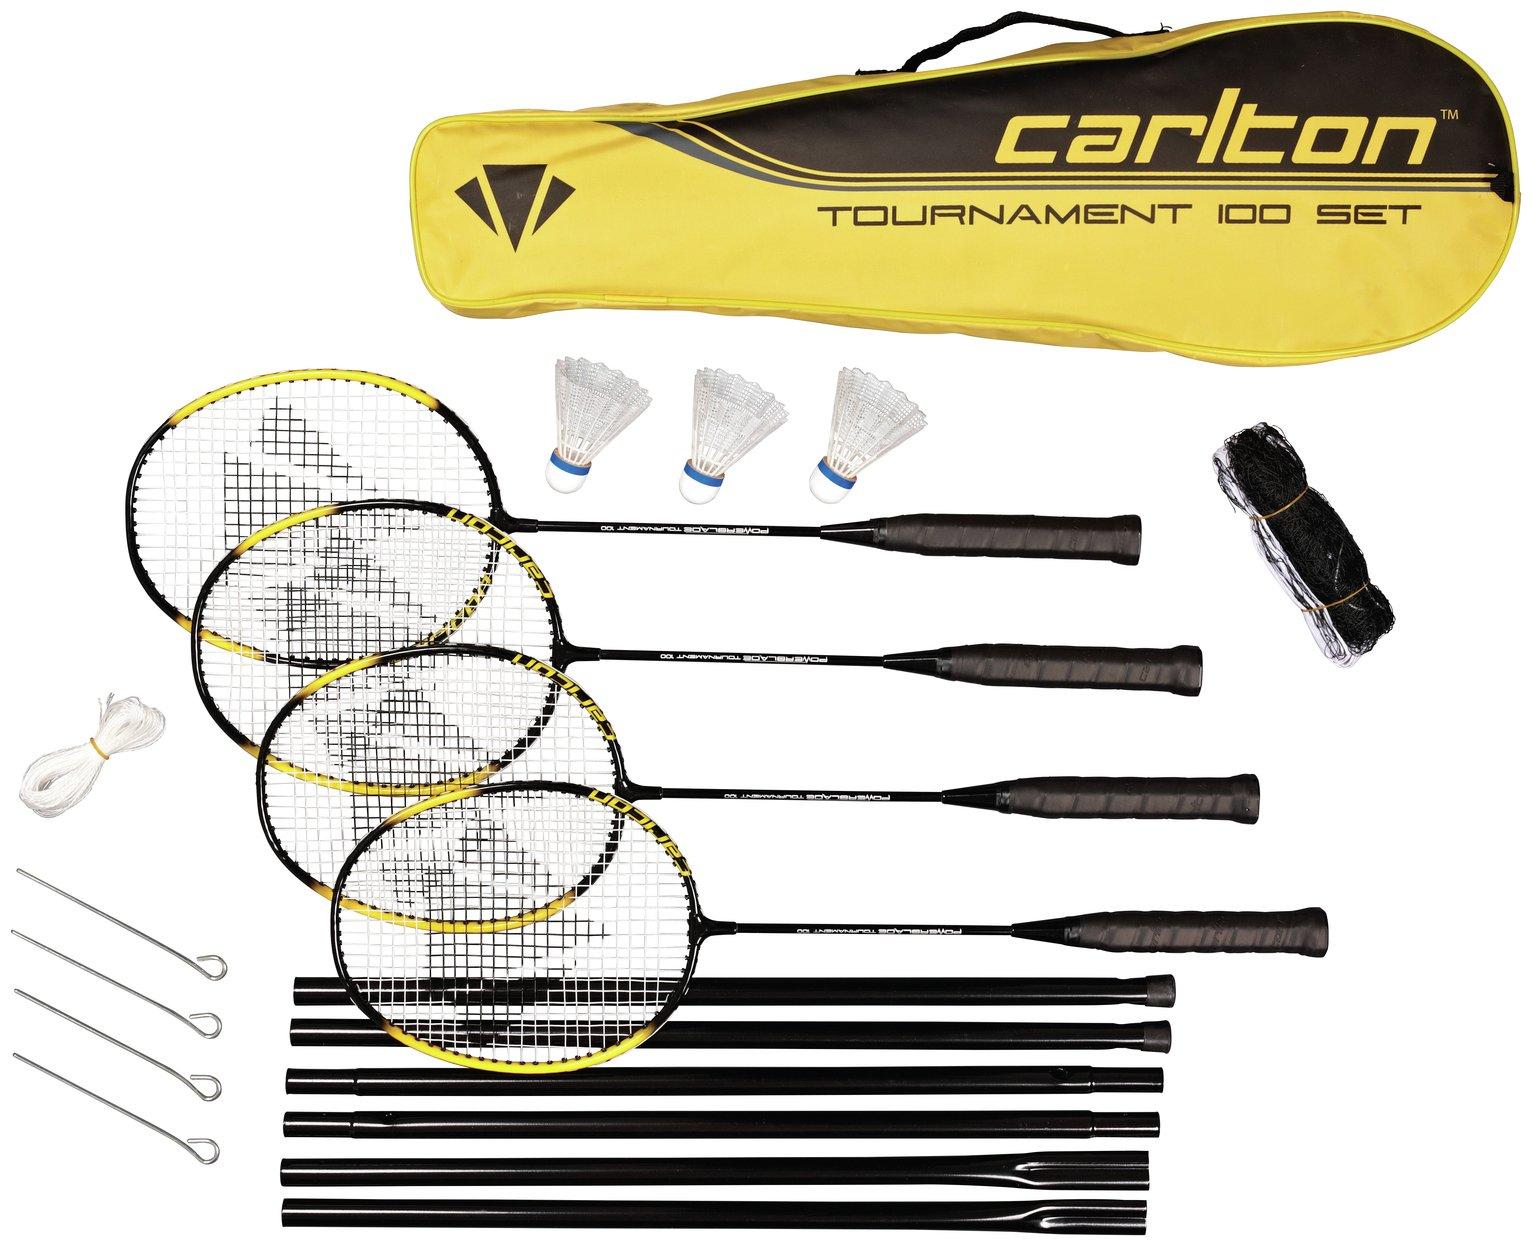 Image of Carlton - Powerblade Tournament 4 Person Badminton Set